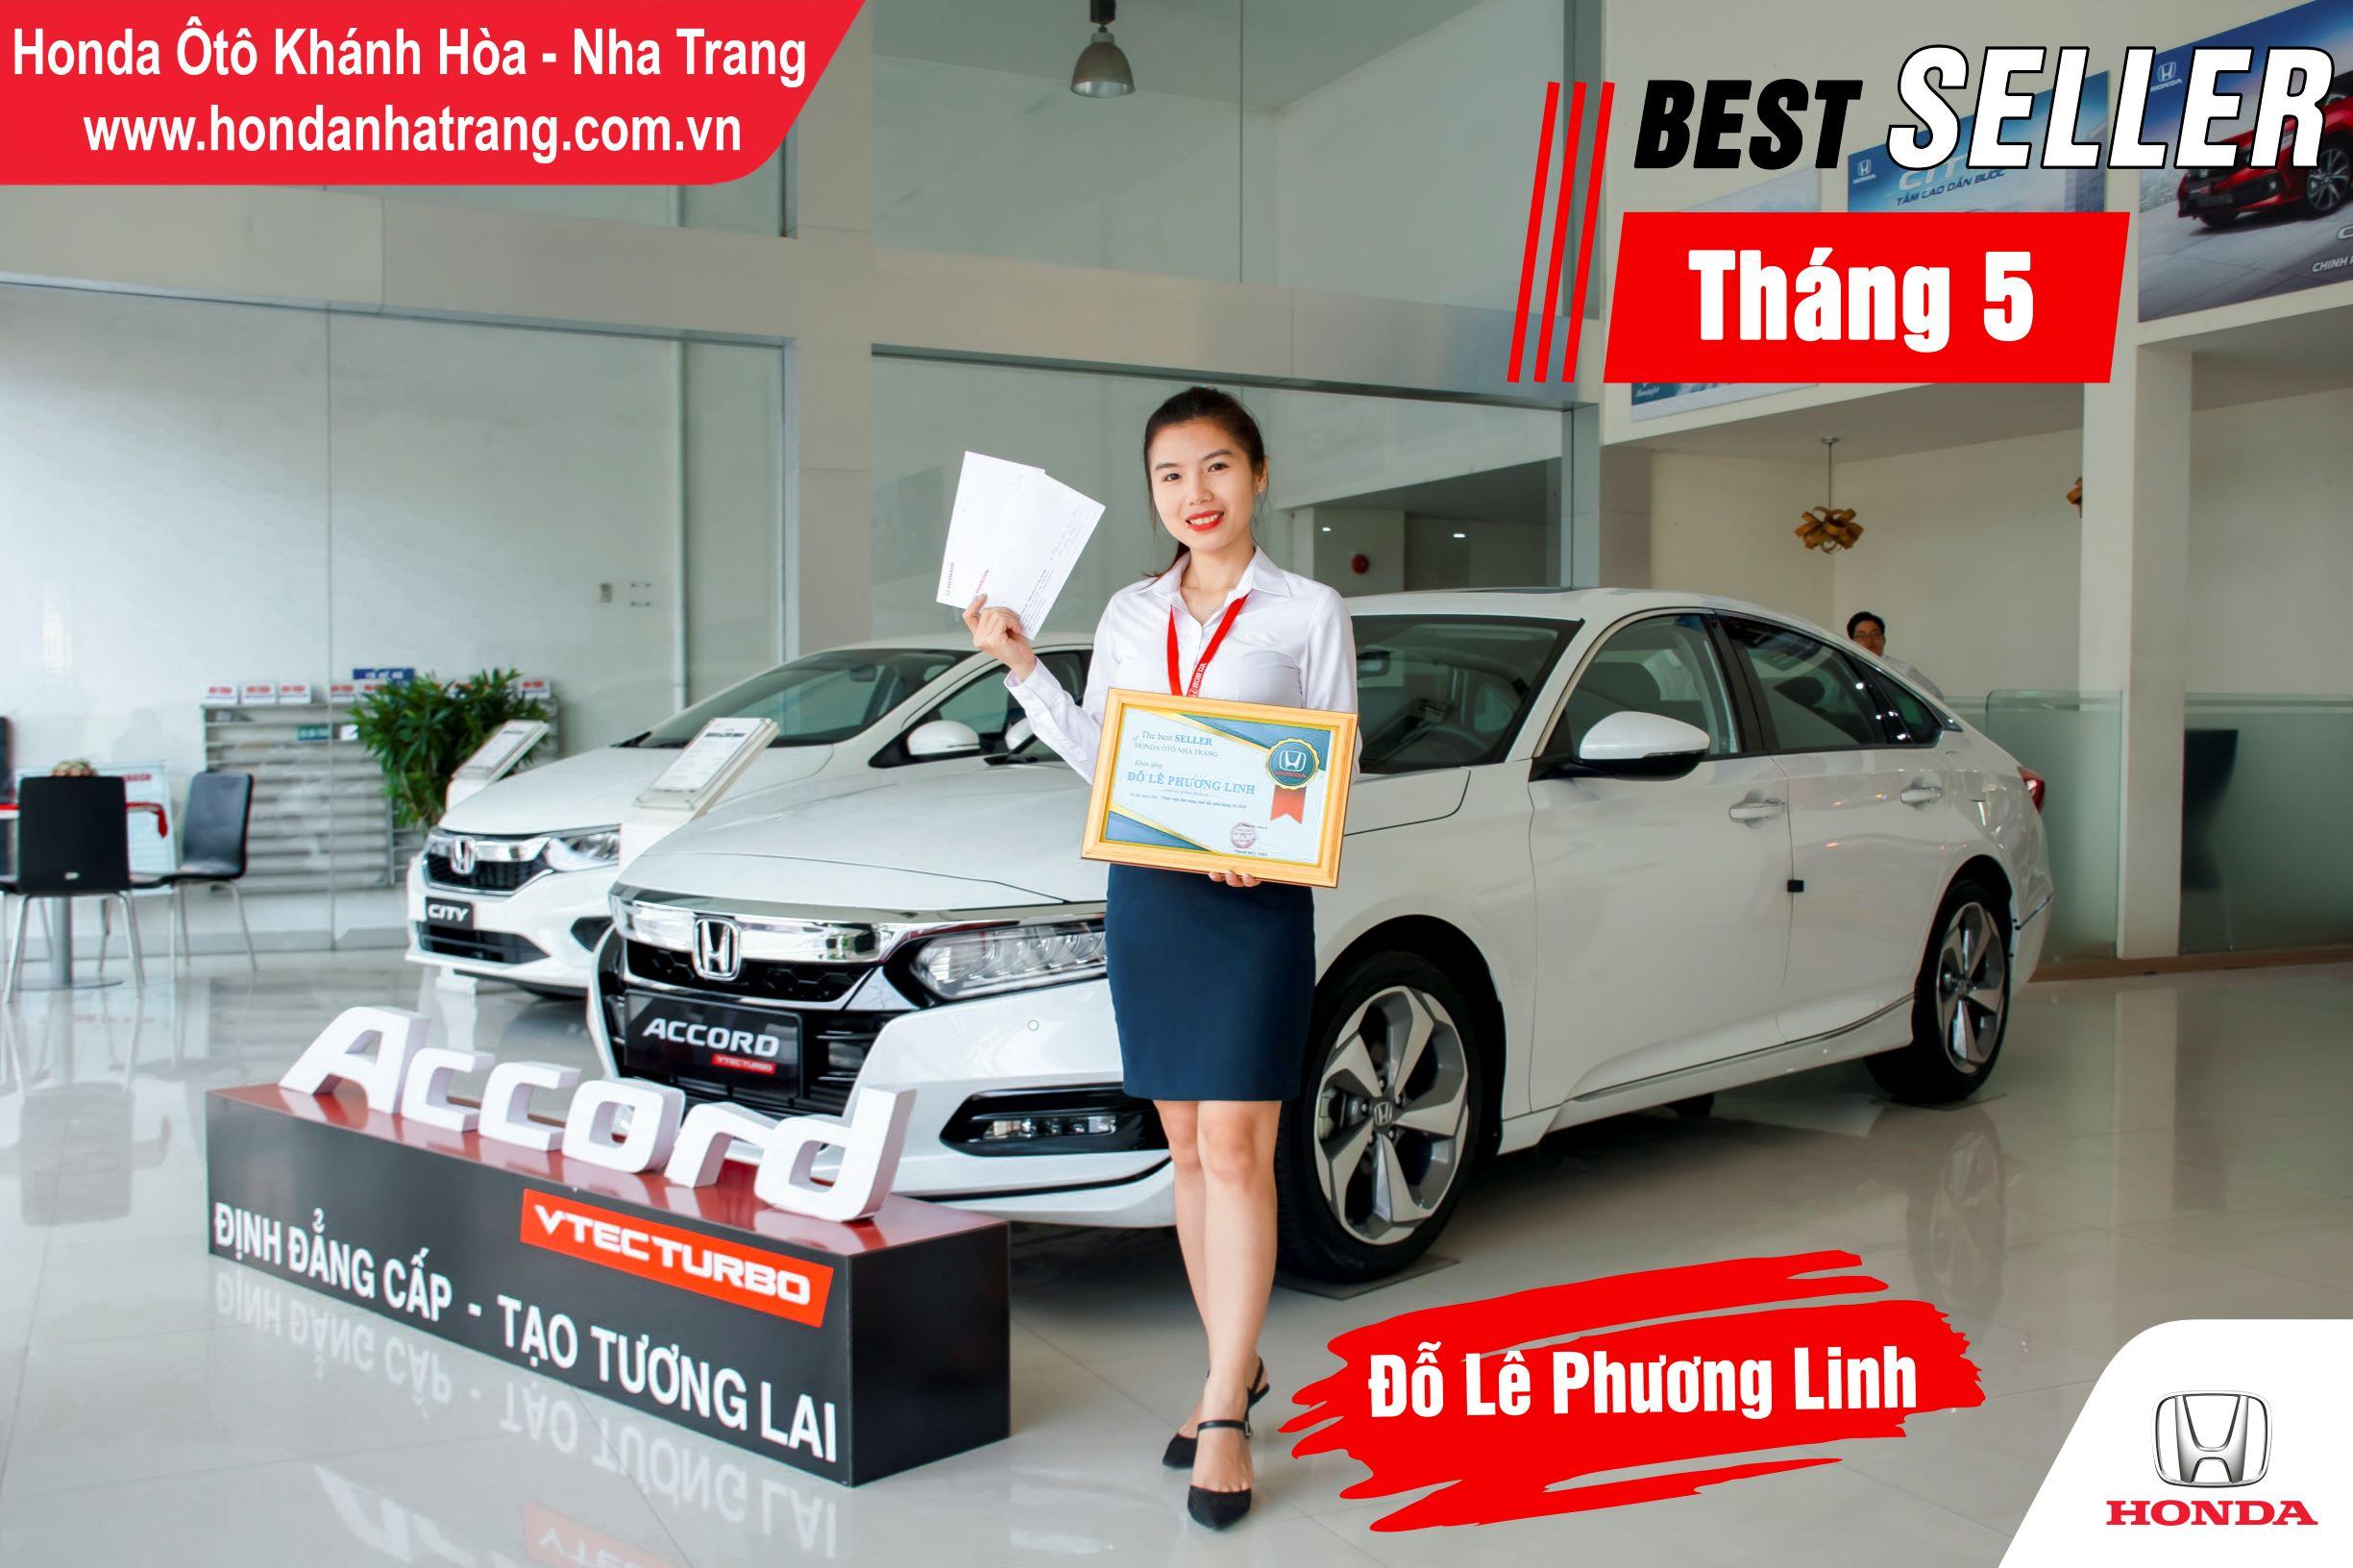 Xin chúc mừng chị Đỗ Lê Phương Linh đã xuất sắc đạt được giải thưởng Best Seller Tháng 05